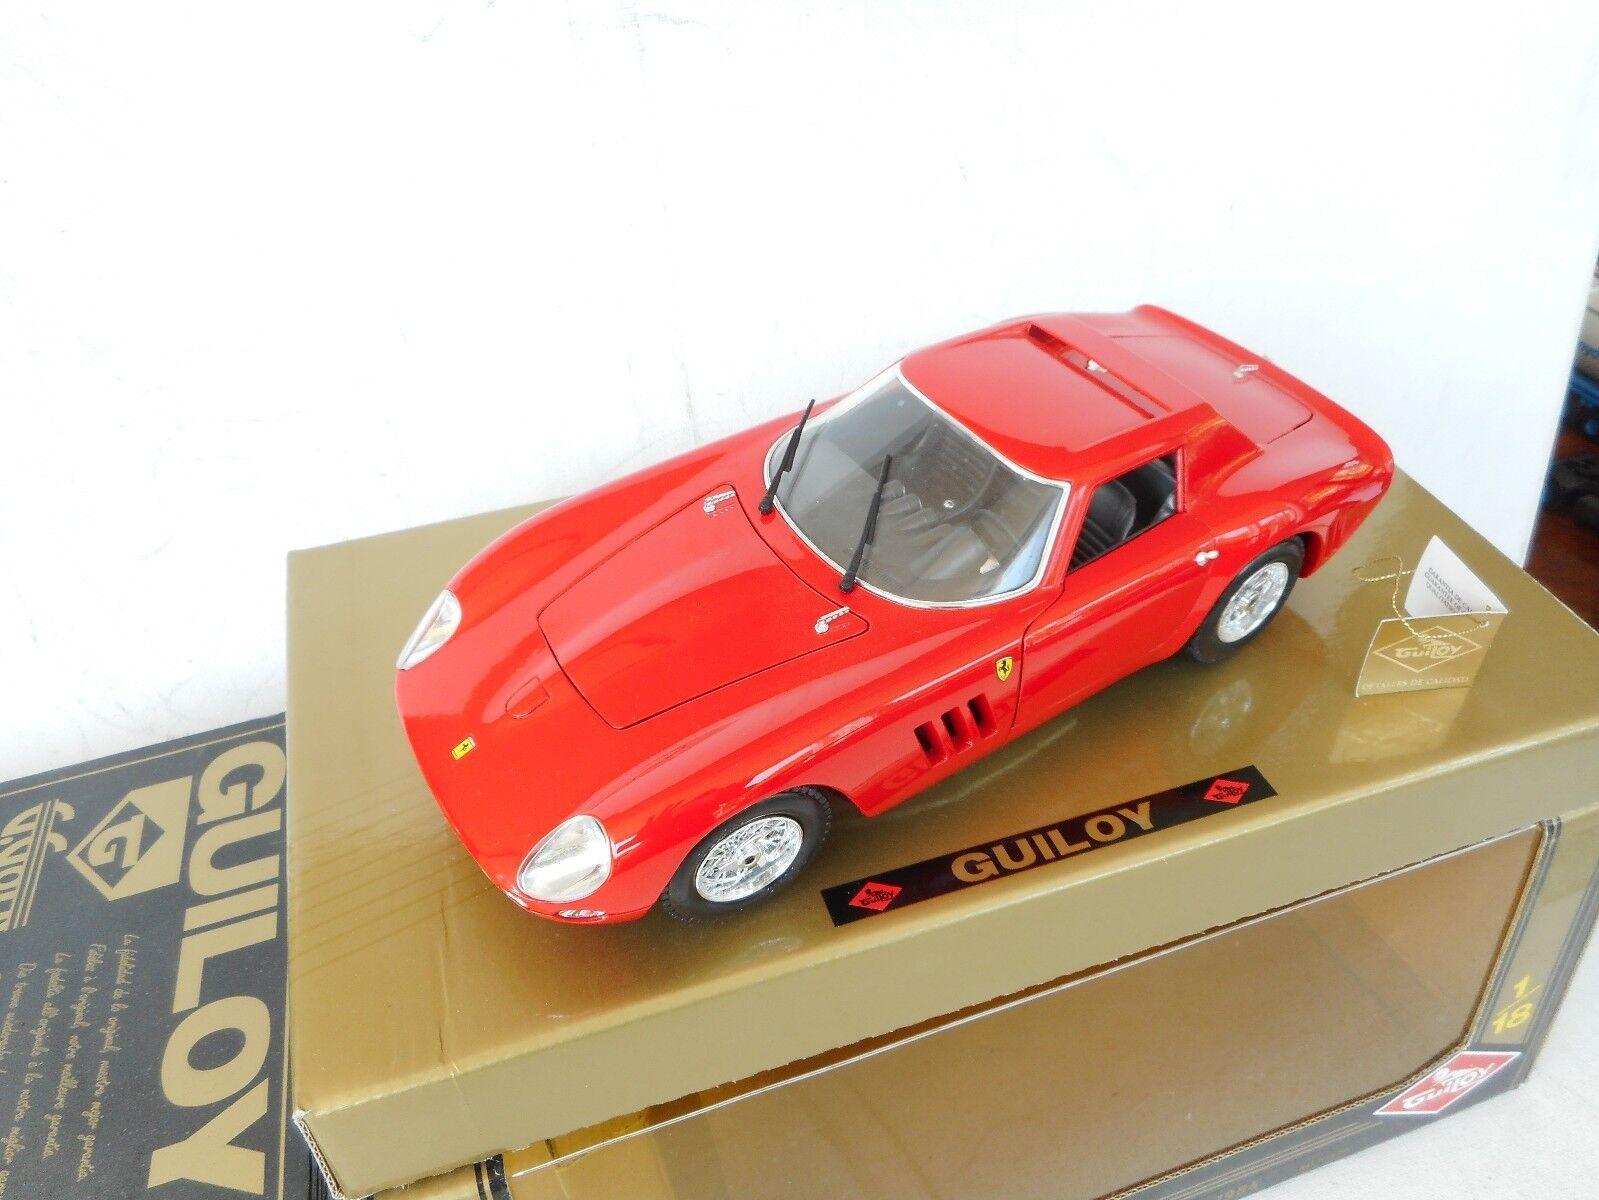 GUILOY  67525 FERRARI GTO 1964 - rouge 1 18 - EXCELLENT IN Exellent Box  nouveau style